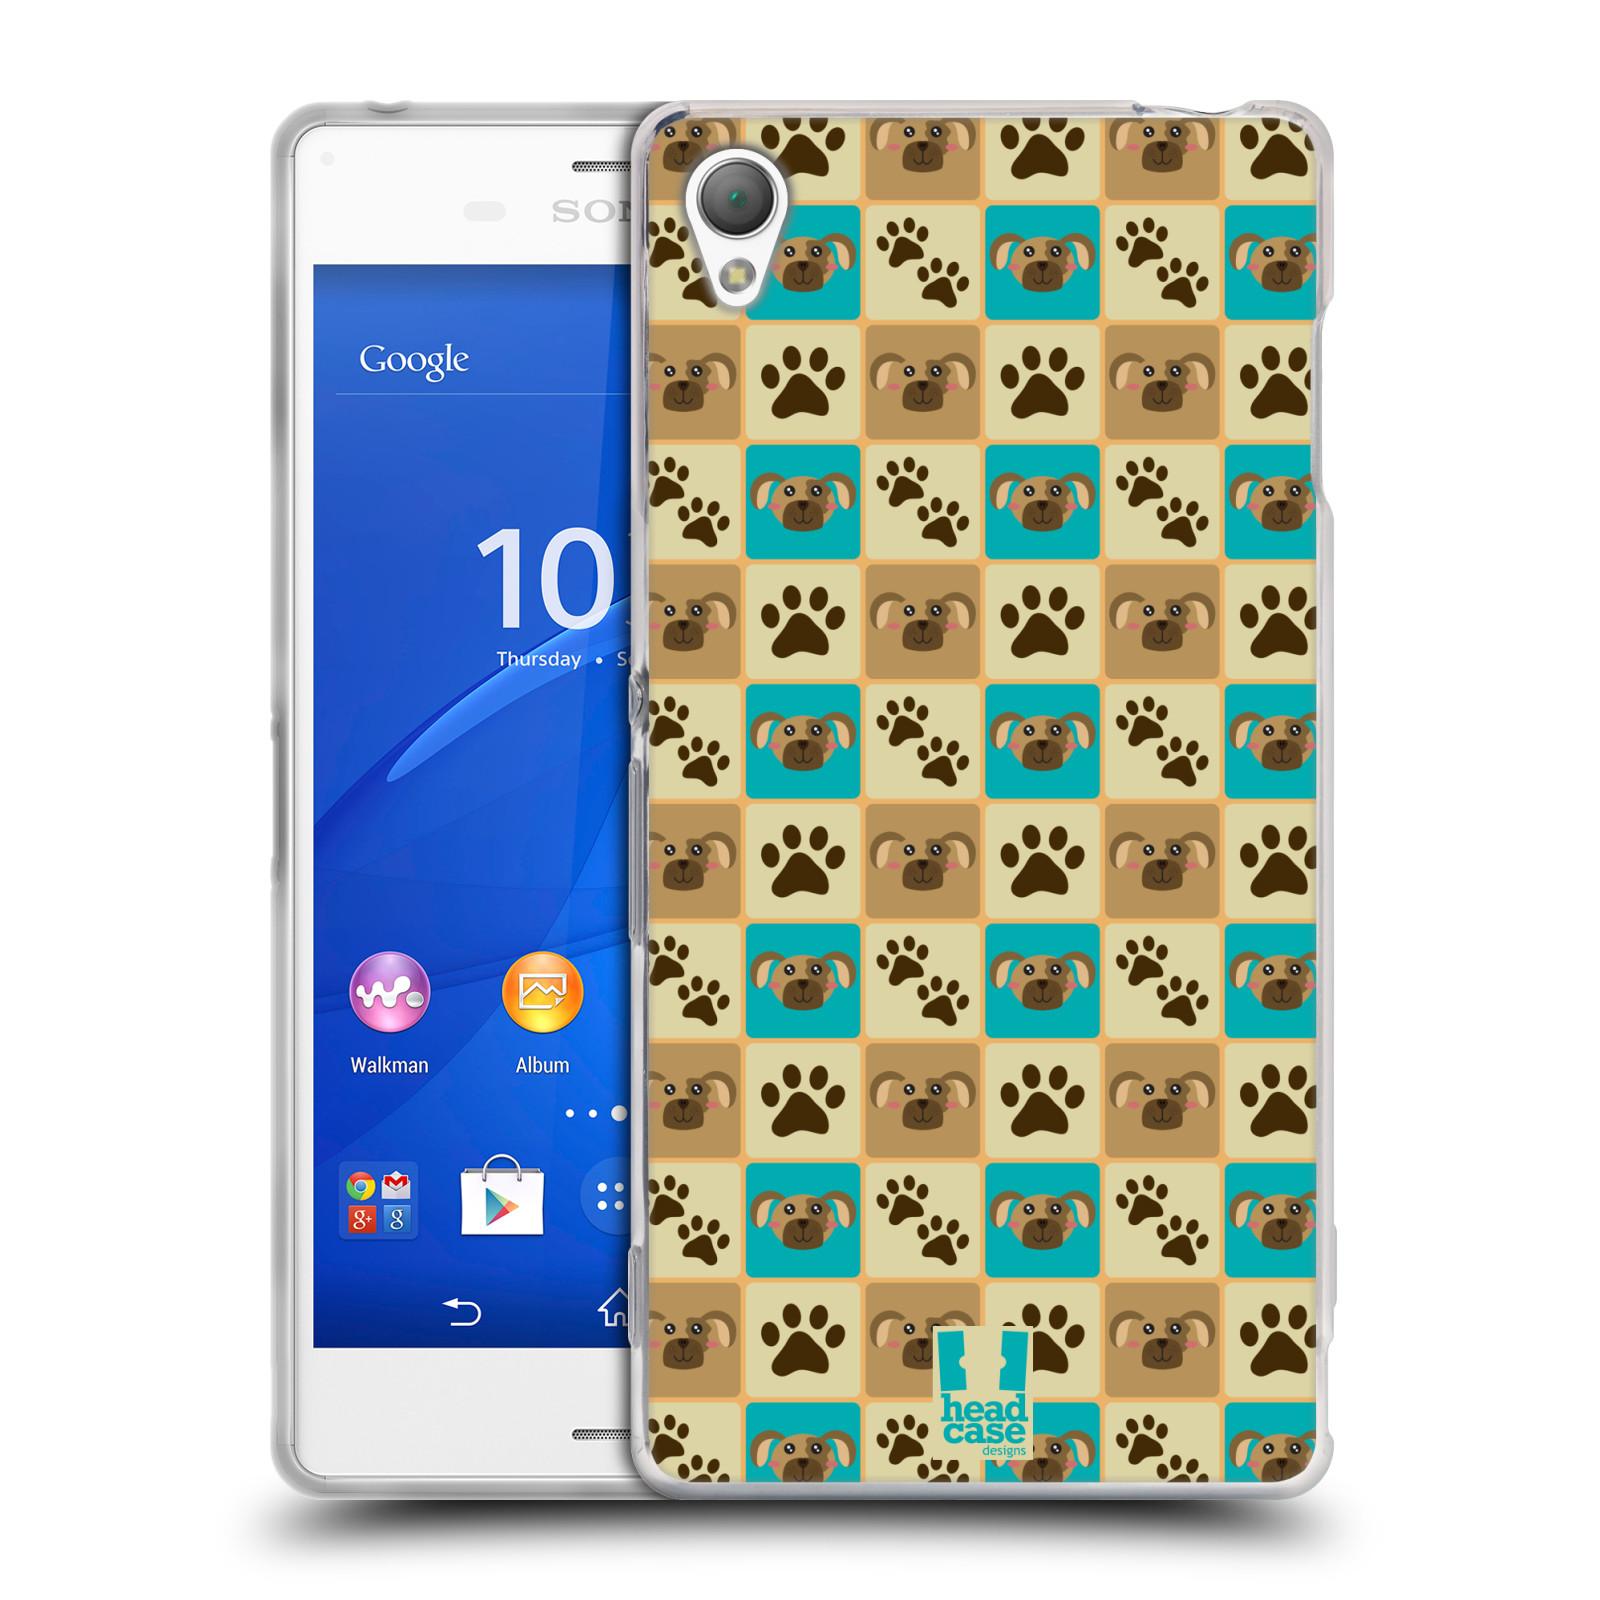 HEAD CASE silikonový obal na mobil Sony Xperia Z3 vzor Zvířecí razítka PSÍ TLAPKA